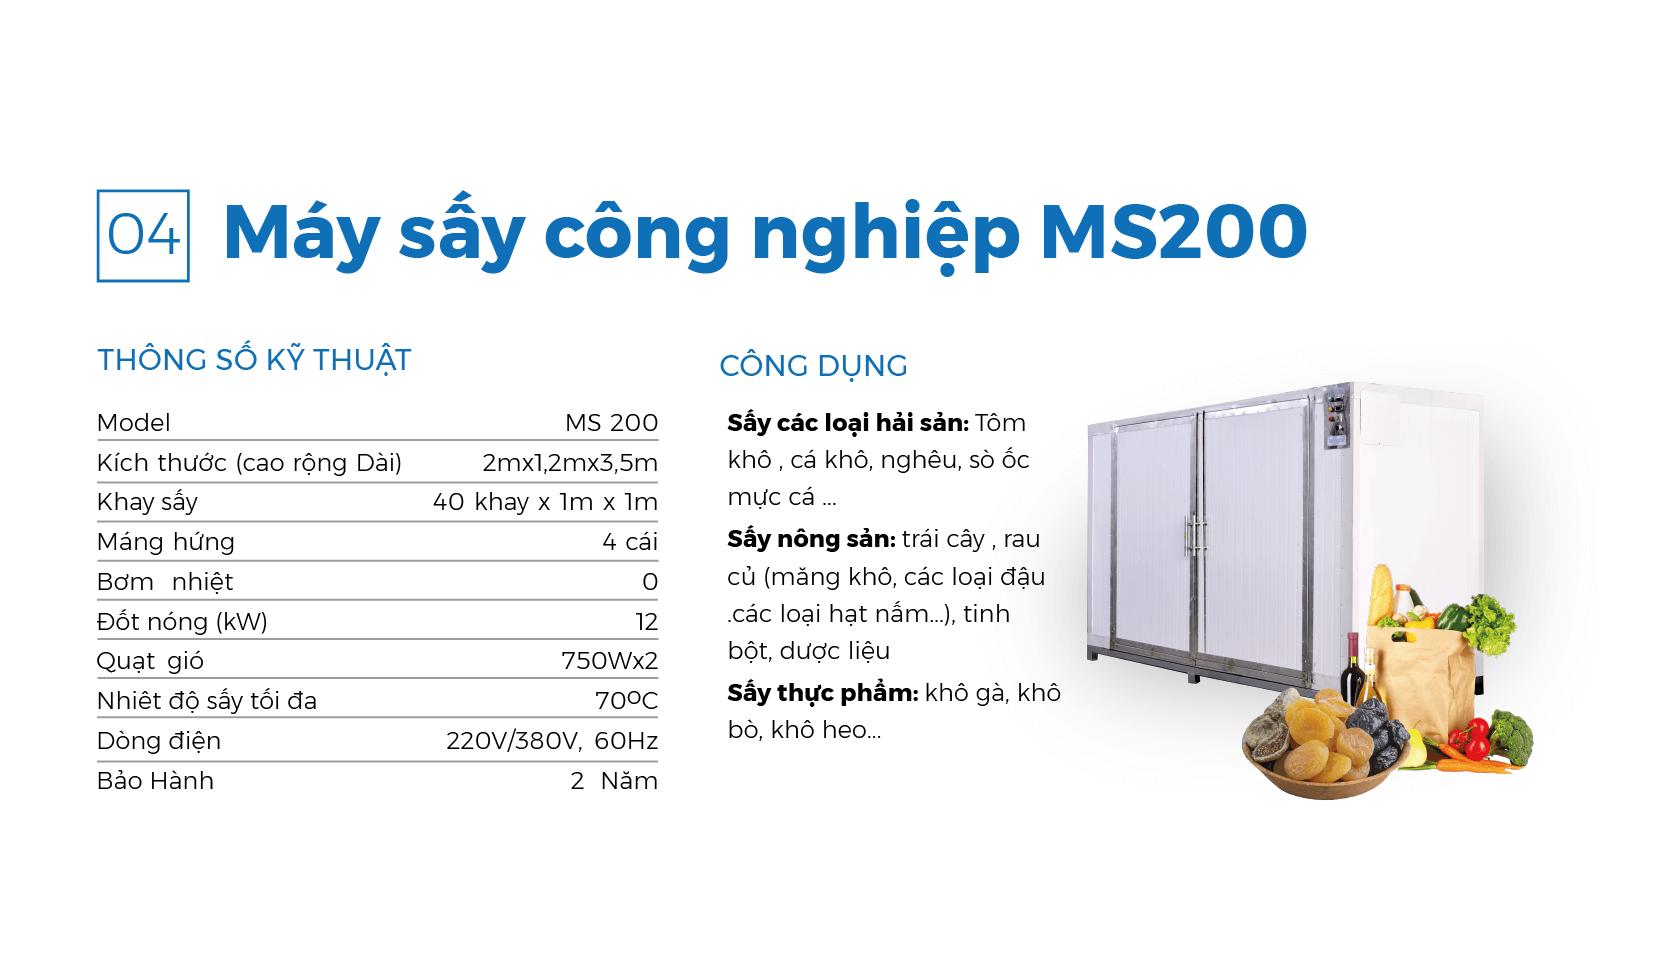 Thông số kỹ thuật MS200